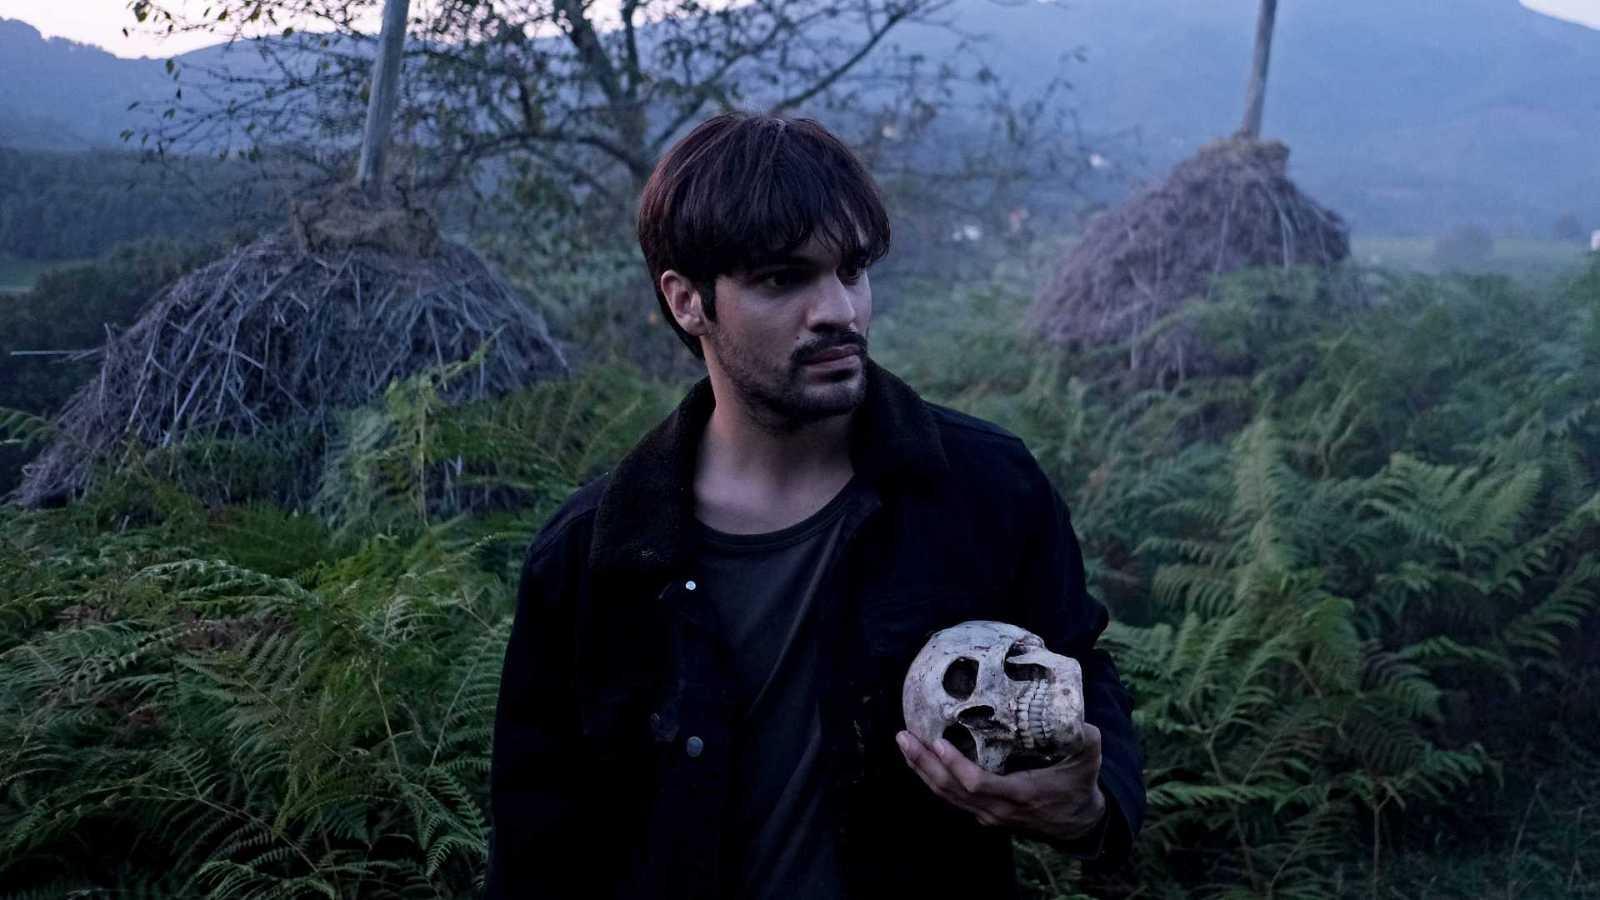 Otros estrenos: 'Hil kanpaiak' y La reina de los lagartos'